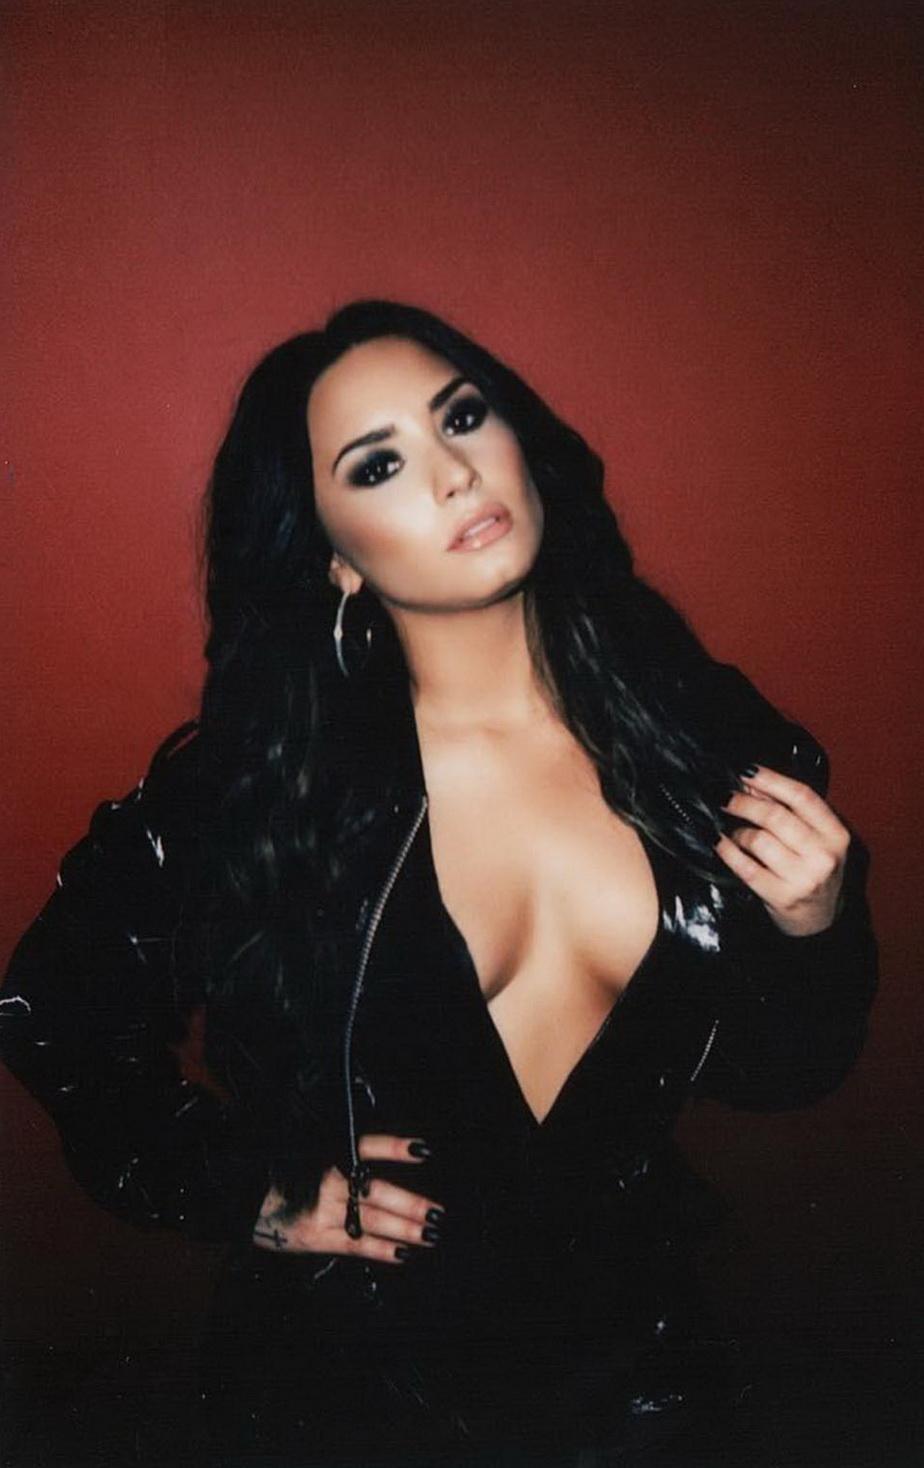 vídeo real robado de Demi Lovato